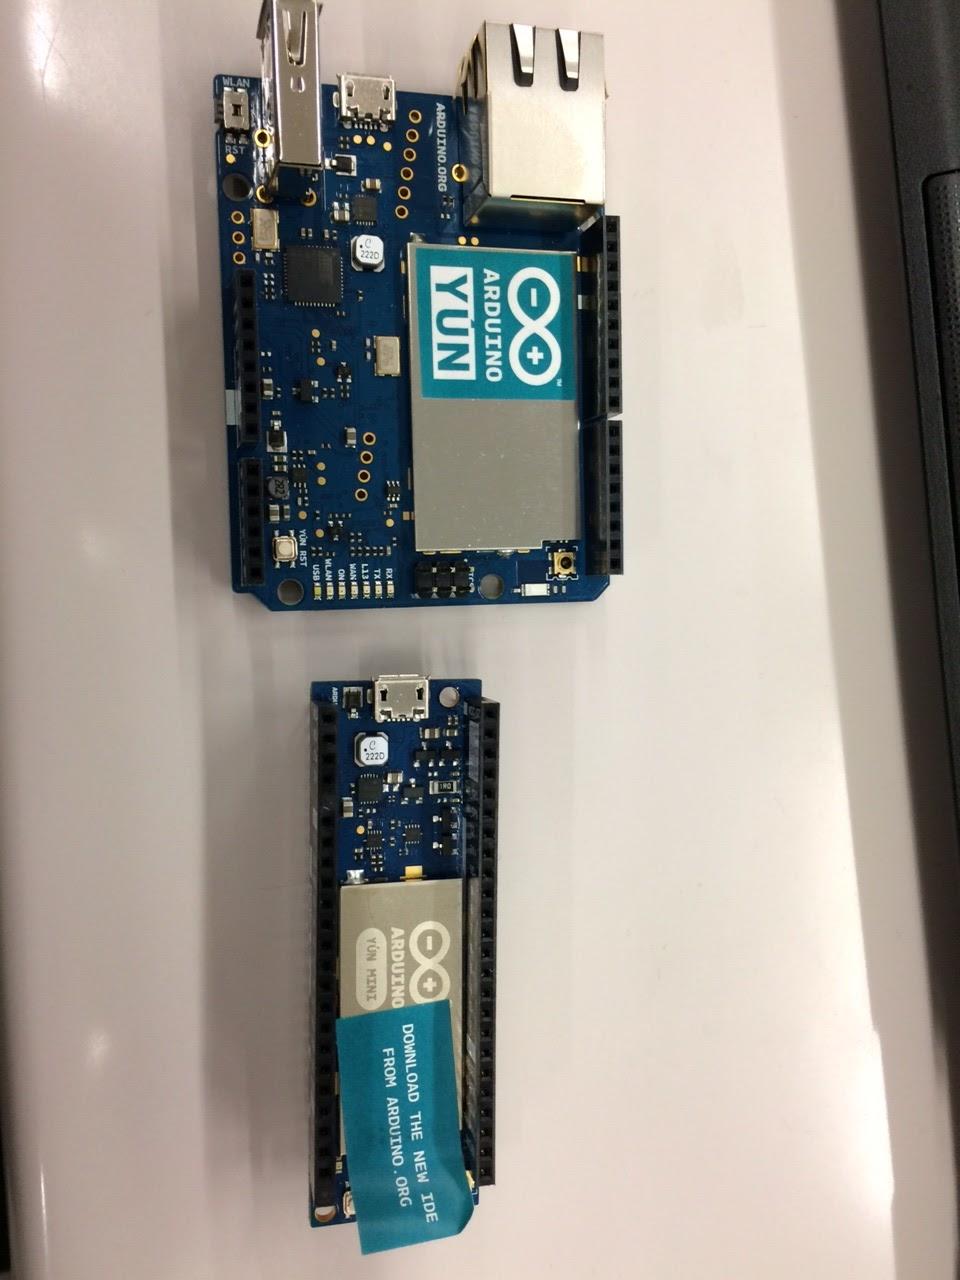 腹腹開発 arduino yun mini を初期設定してwifiルータにつなぐ